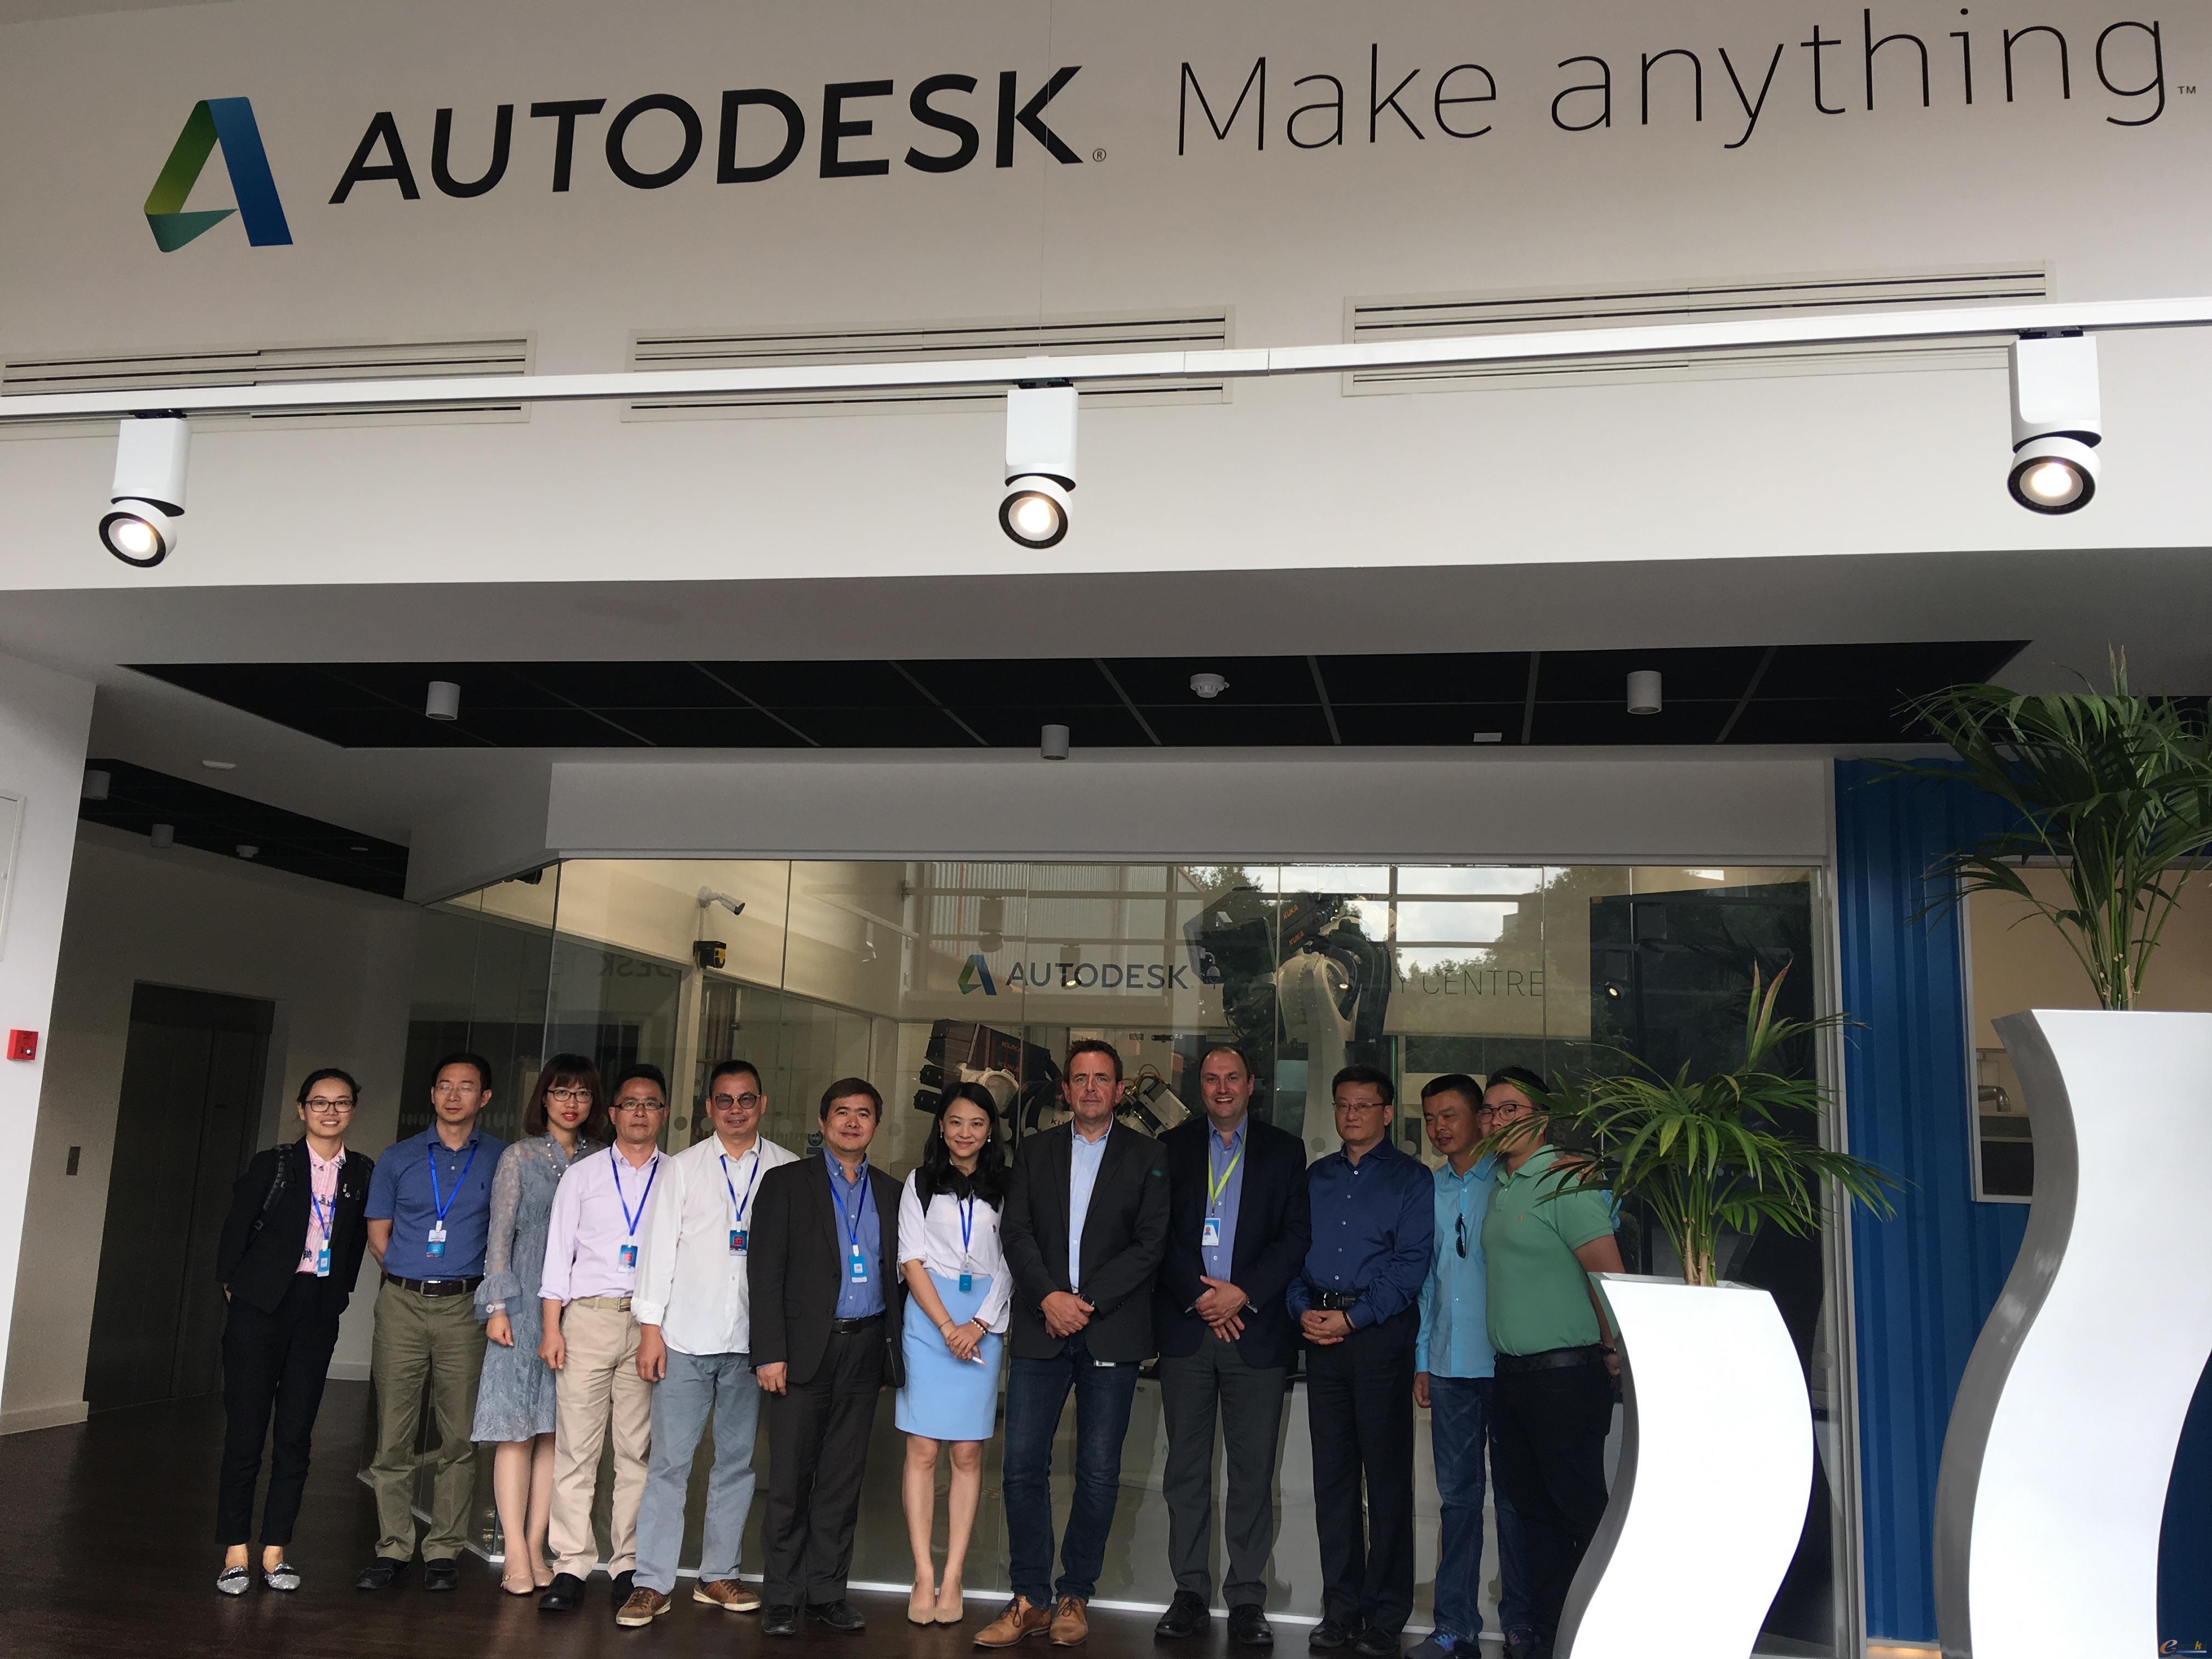 考察团成员在Autodesk公司合影